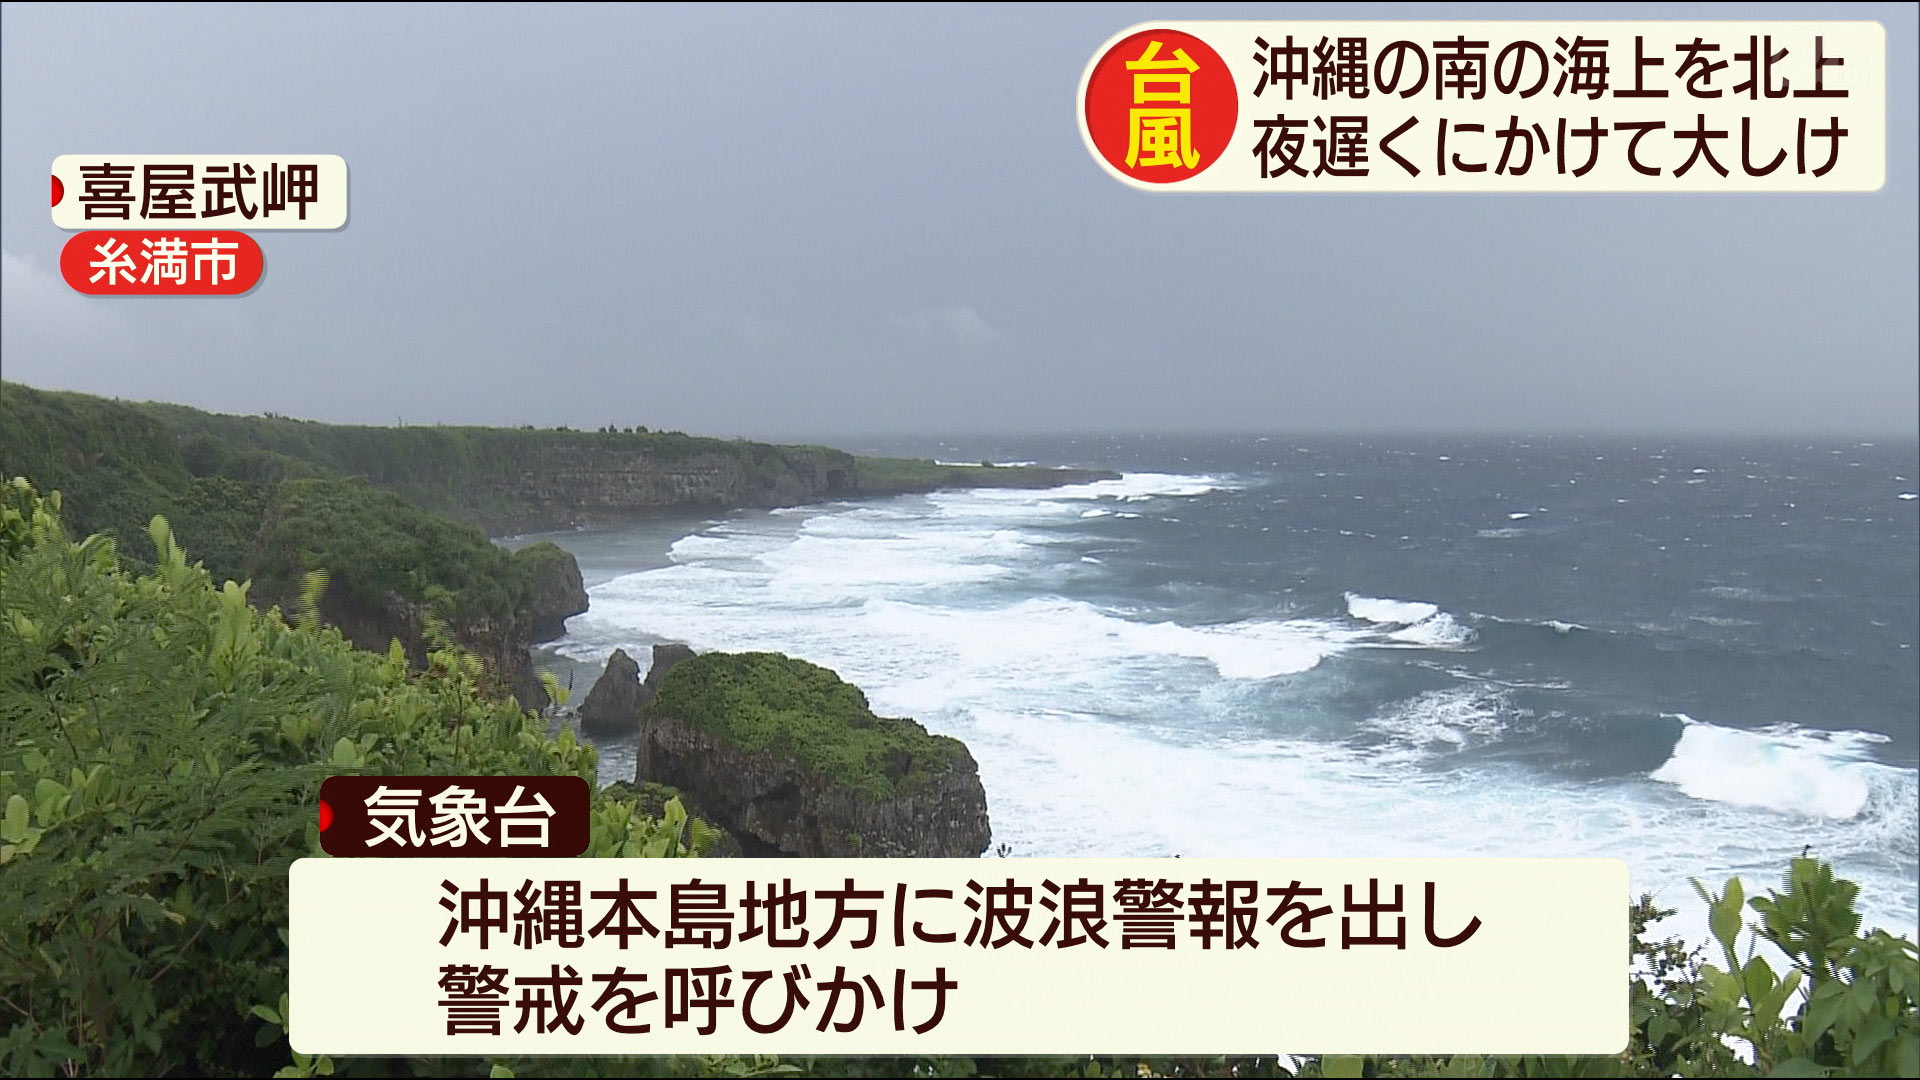 台風5号 交通機関に影響